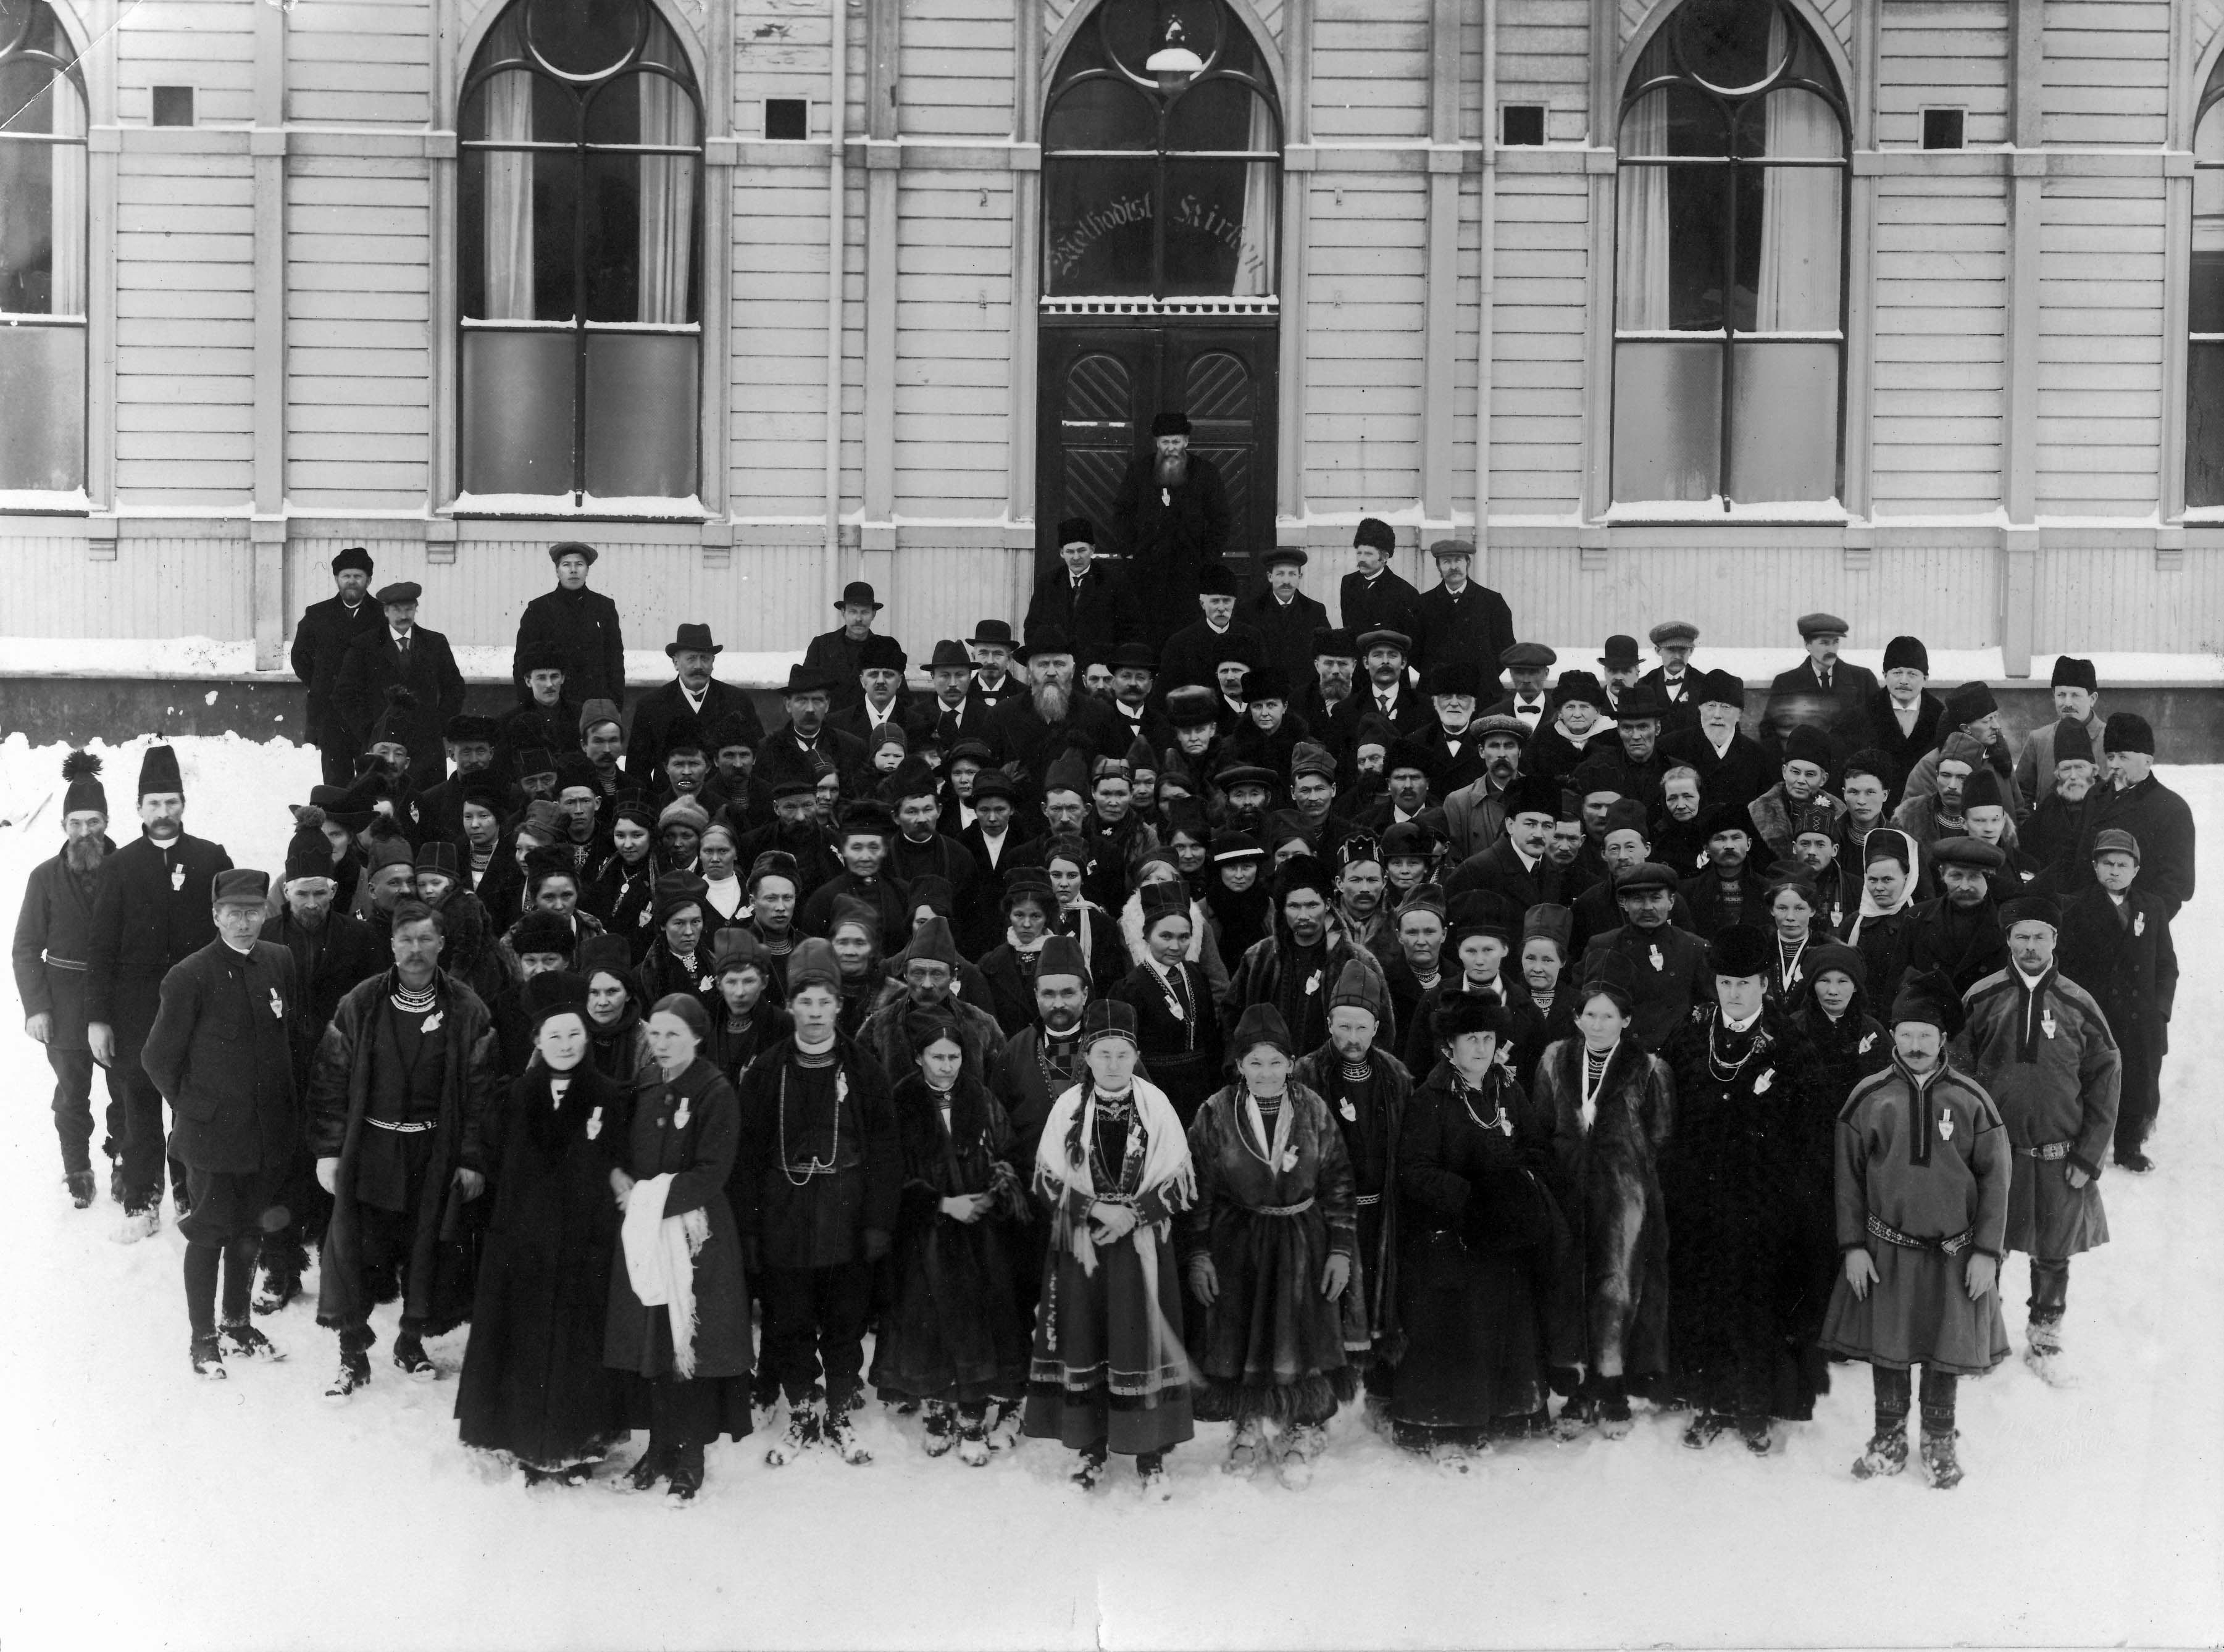 Det första samemötet i Trondheim 1917. Foto: Schrøder/Saemien Sijtes fotoarkiv / Wikimedia Commons.